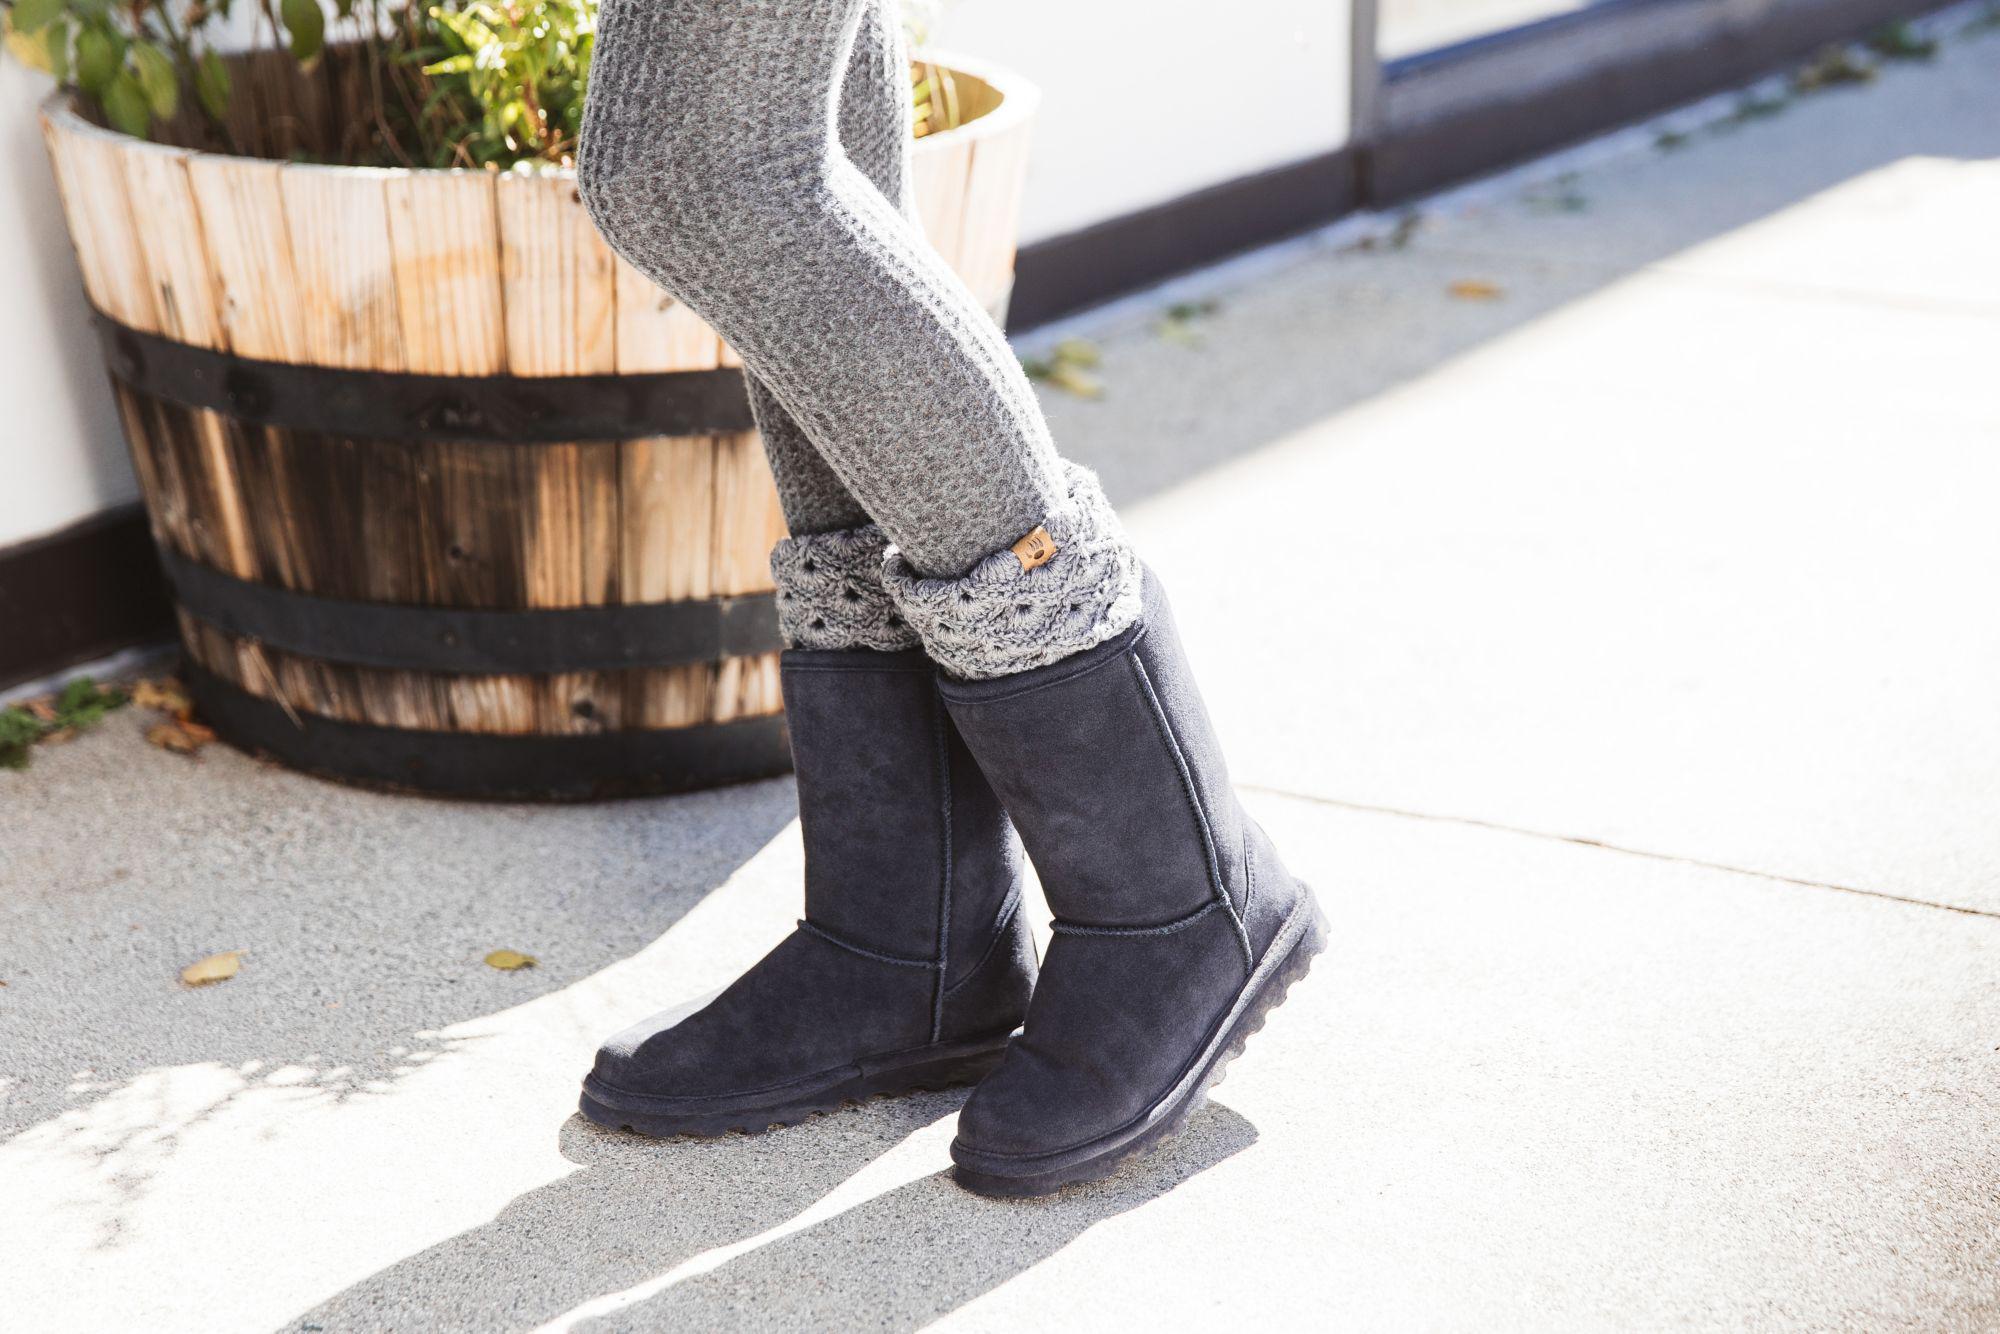 2d439b9e8 BEARPAW Elle Short Winter Boots in Gray - Lyst